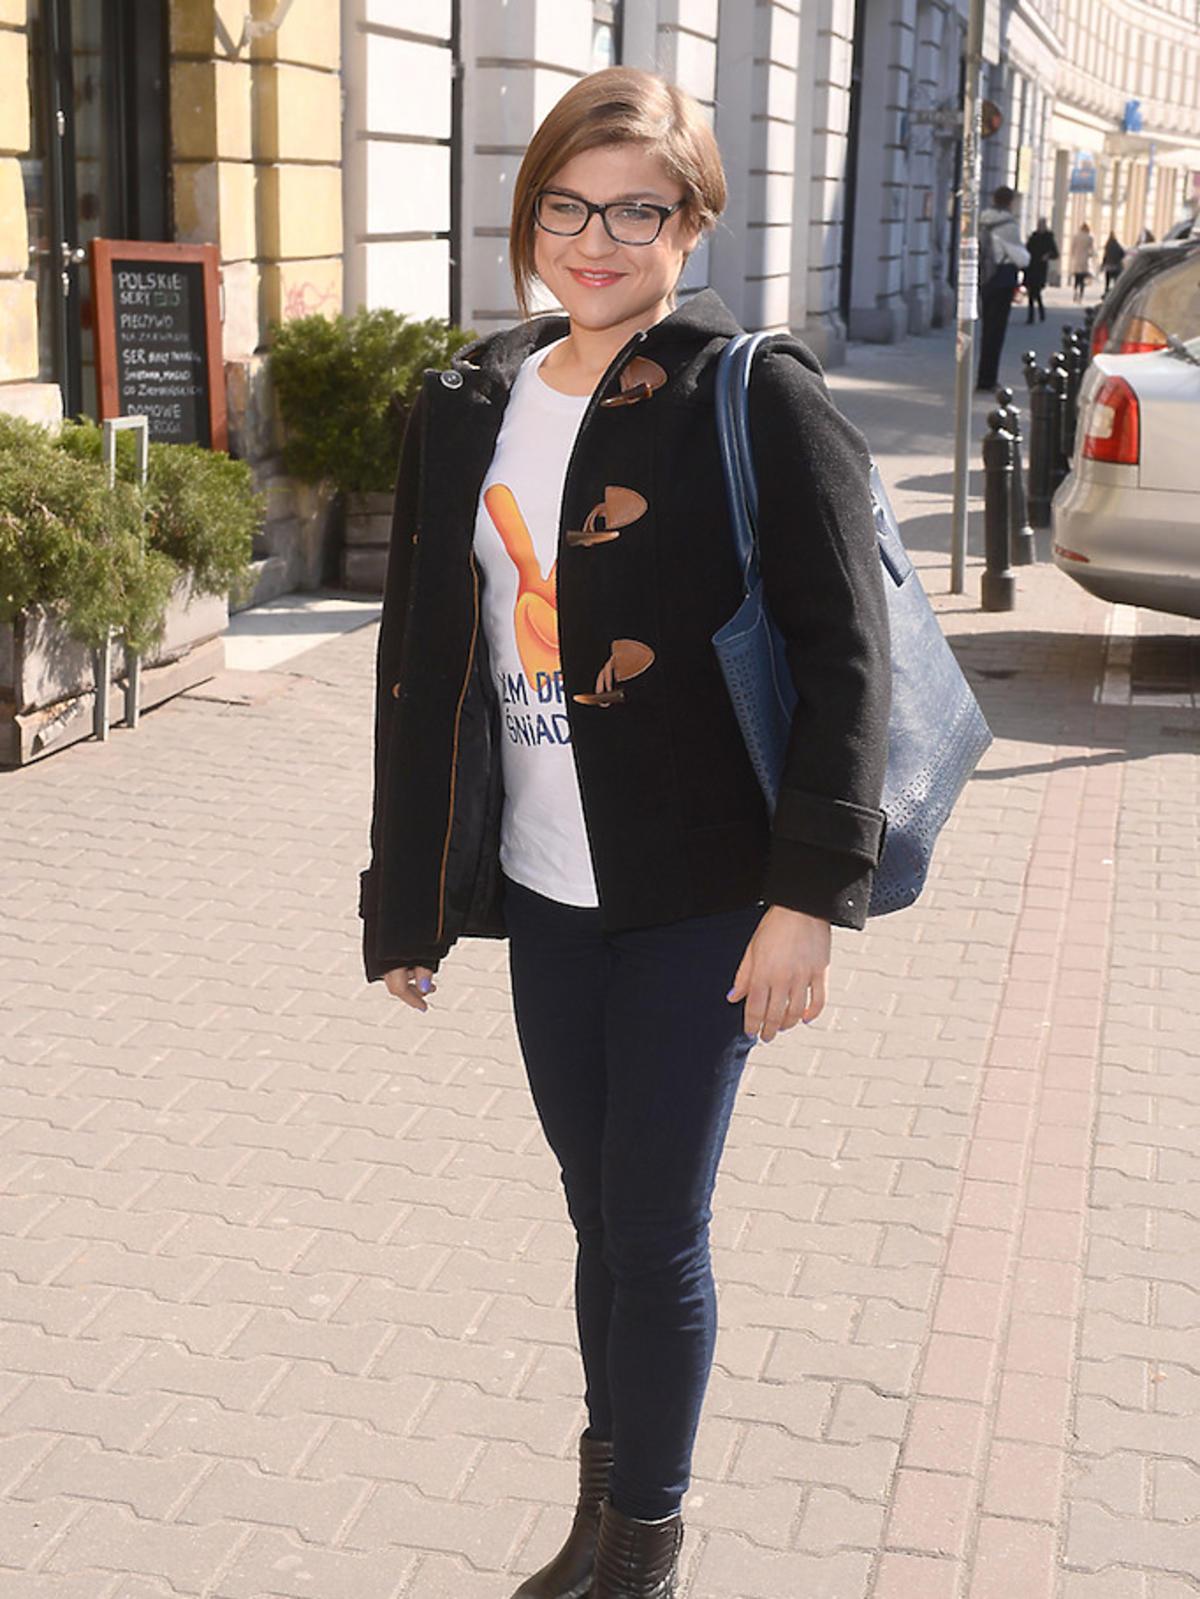 Dominika Gwit chuda w czarnej skórze 2015